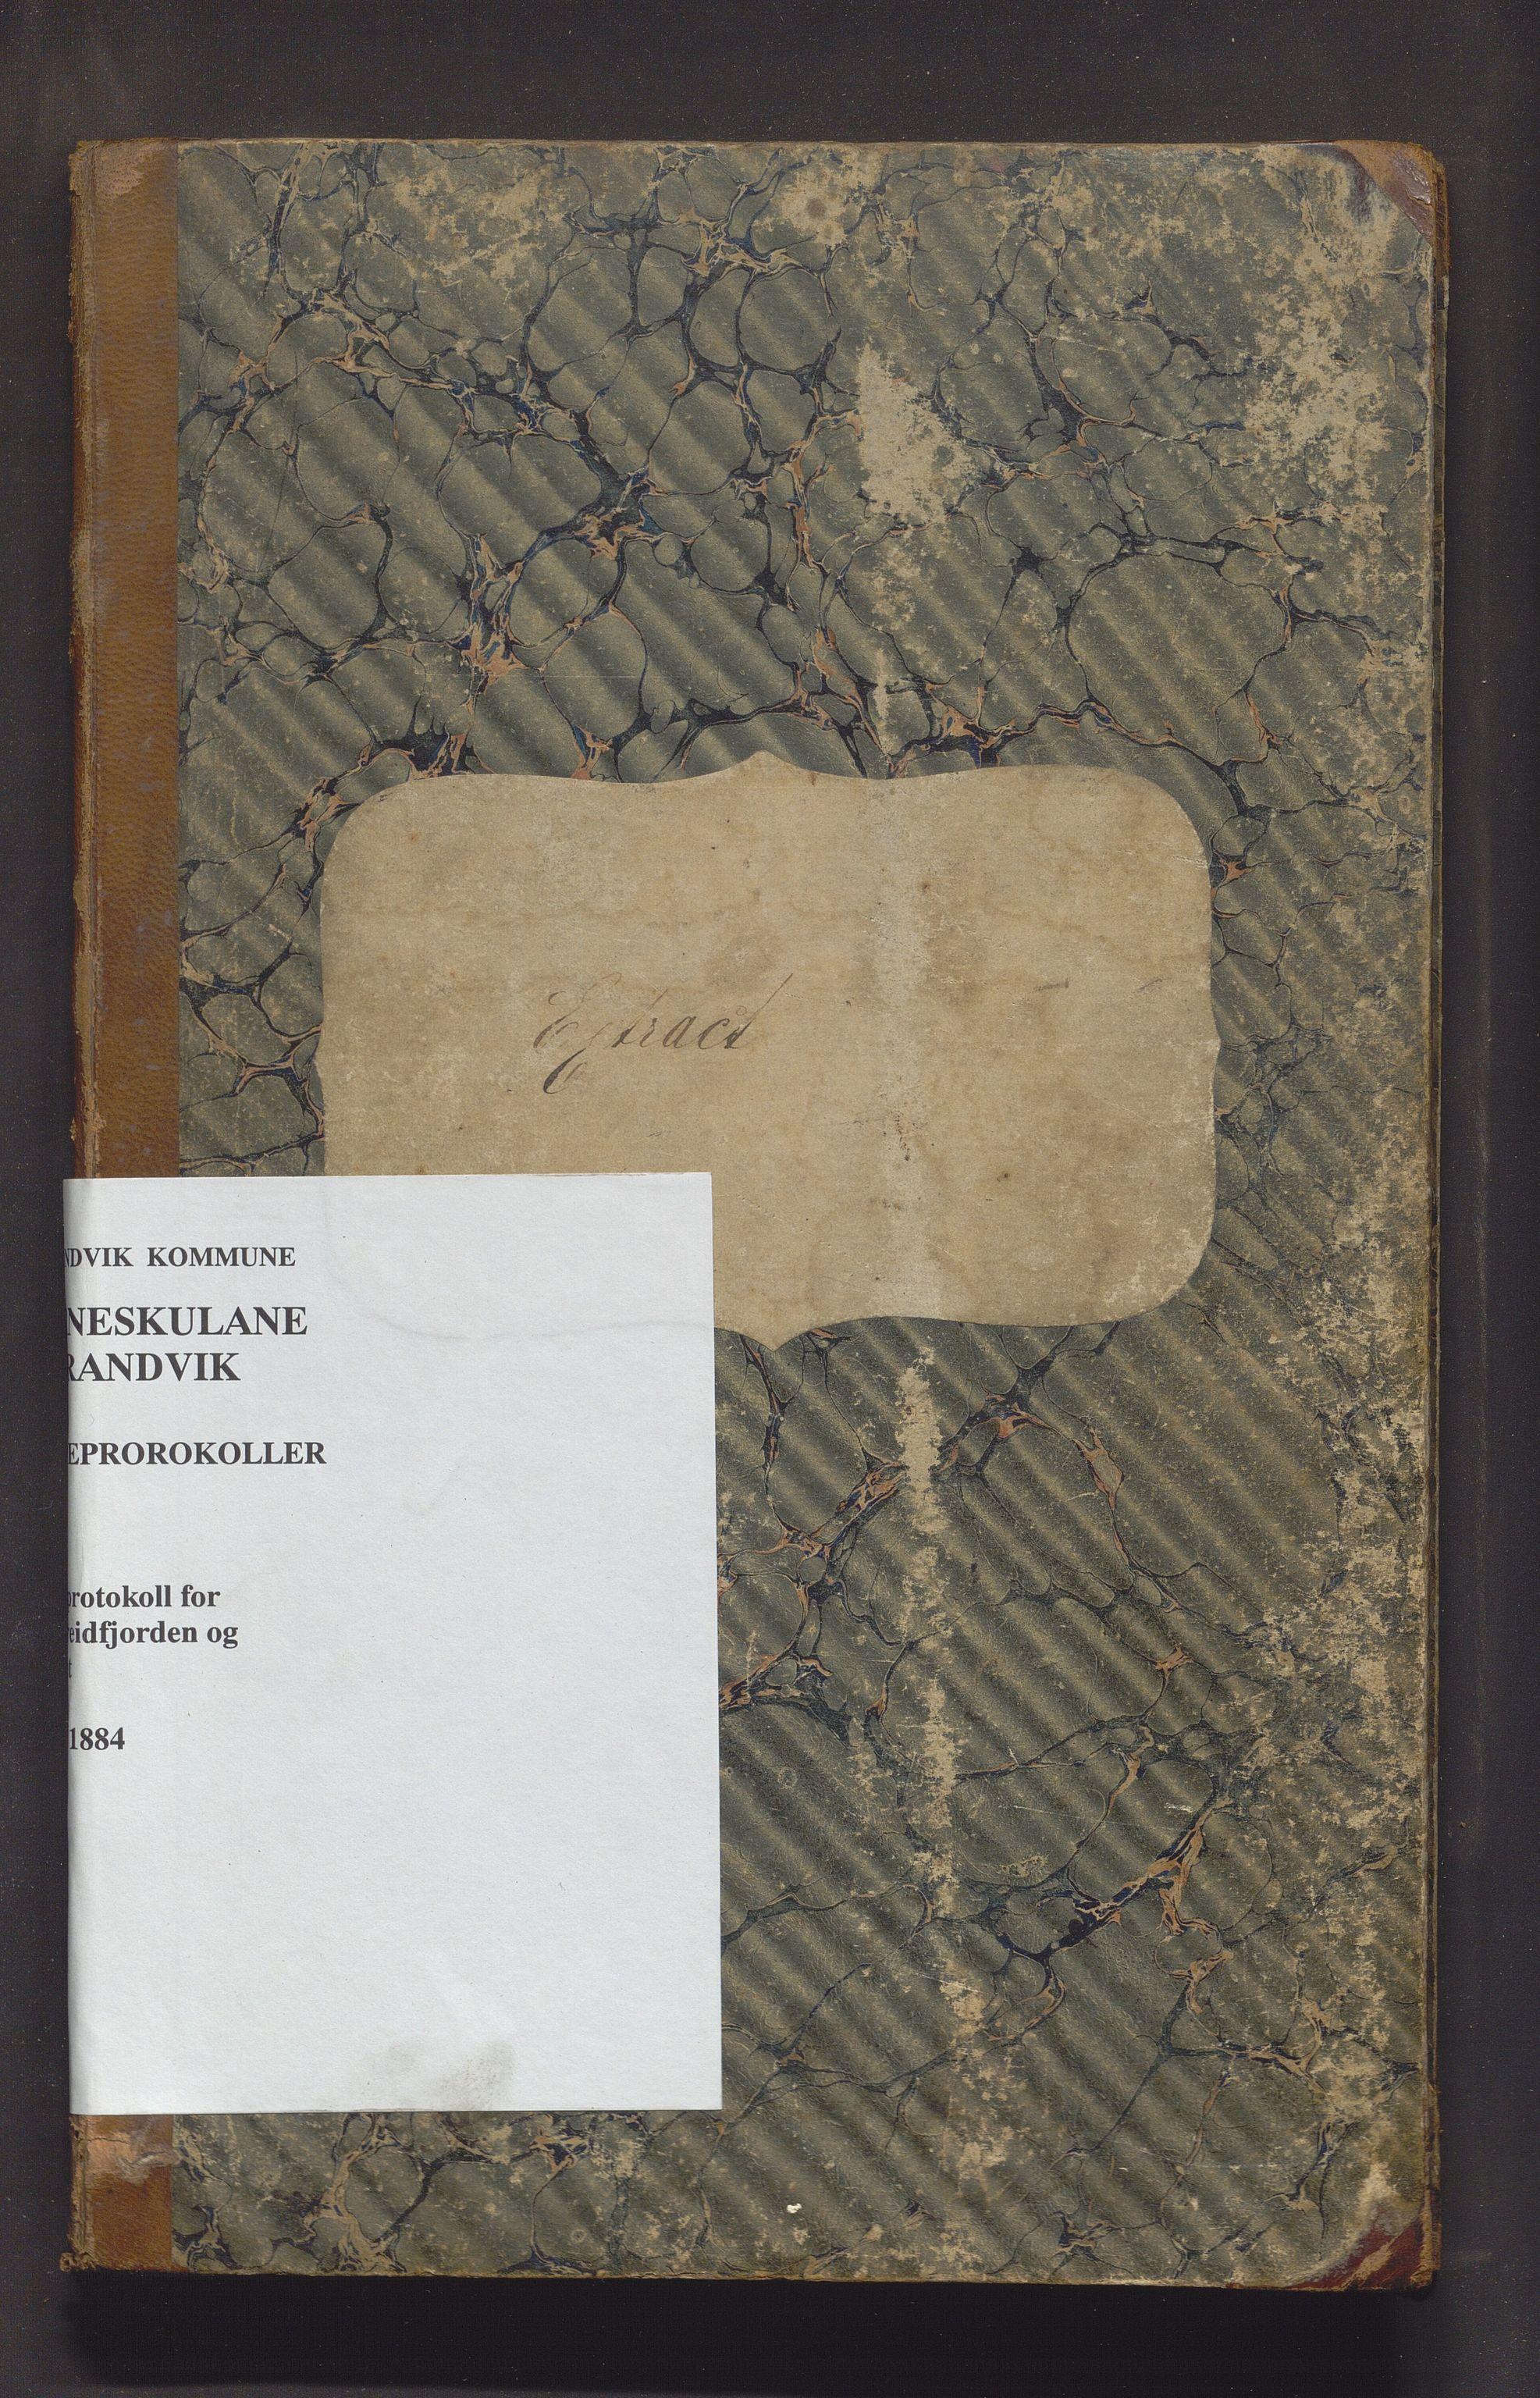 IKAH, Strandvik kommune. Barneskulane, F/Fa/L0007: Skuleprotokoll for Sævareidfjorden og Næsset krinsar i Fusa prestegjeld, 1872-1884